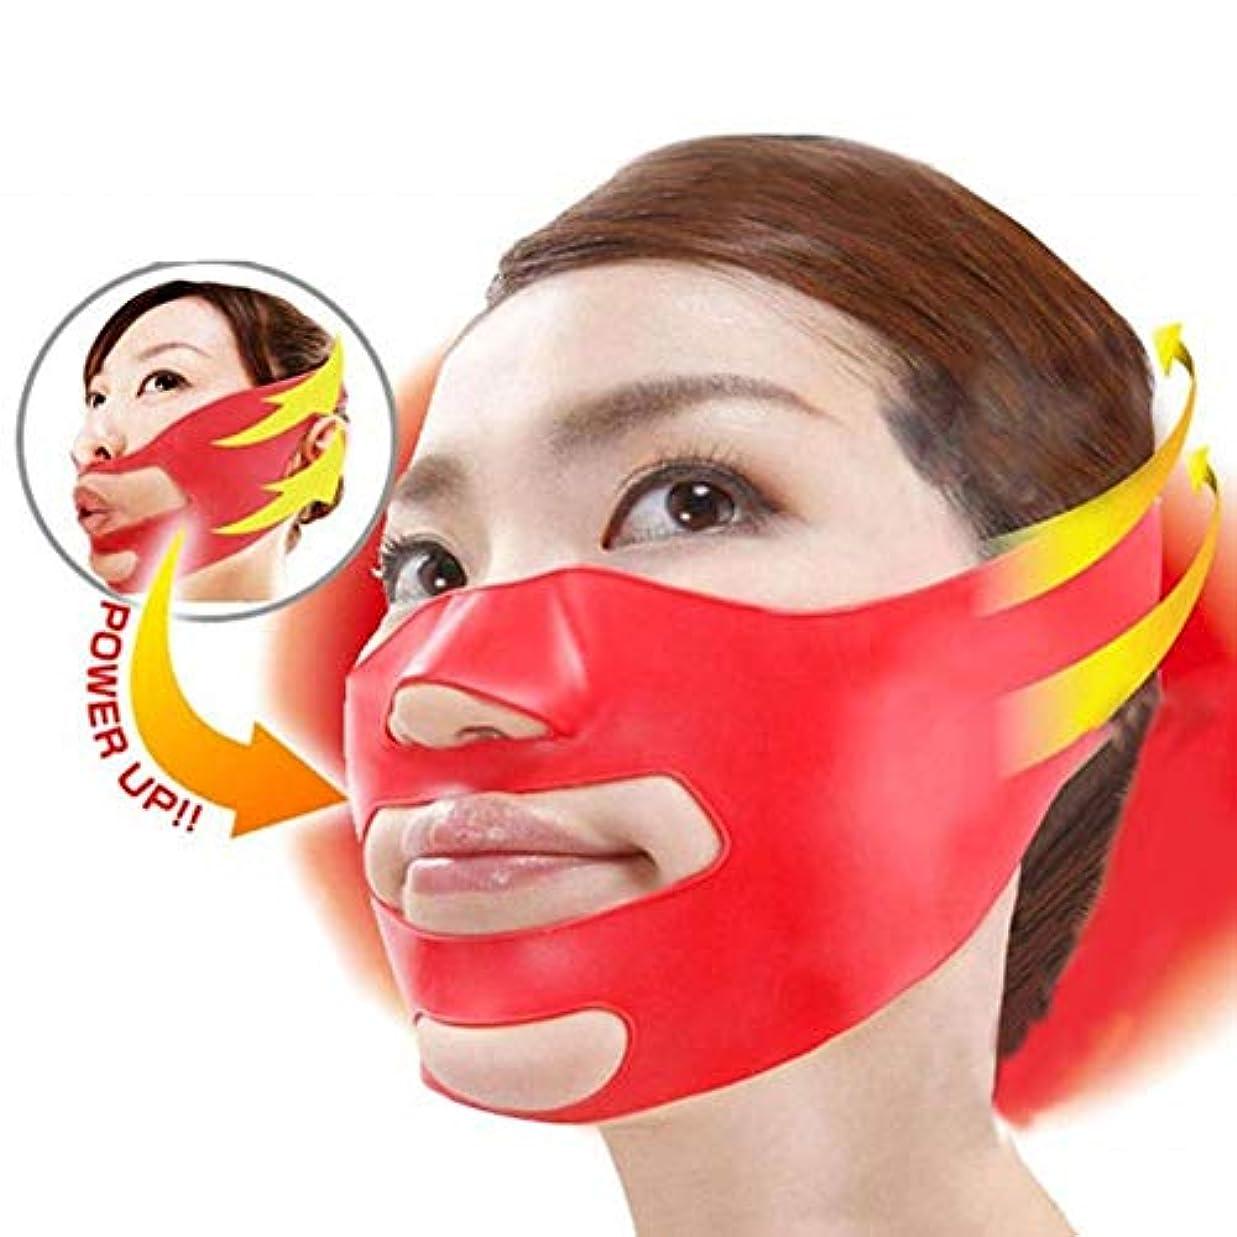 手つかずのクリープ隔離する1ピース3dフェイスリフトツールフェイシャルシェイパーv頬リフトアップフェイスマスク痩身マスクベルト包帯成形整形スリム女性美容ツール